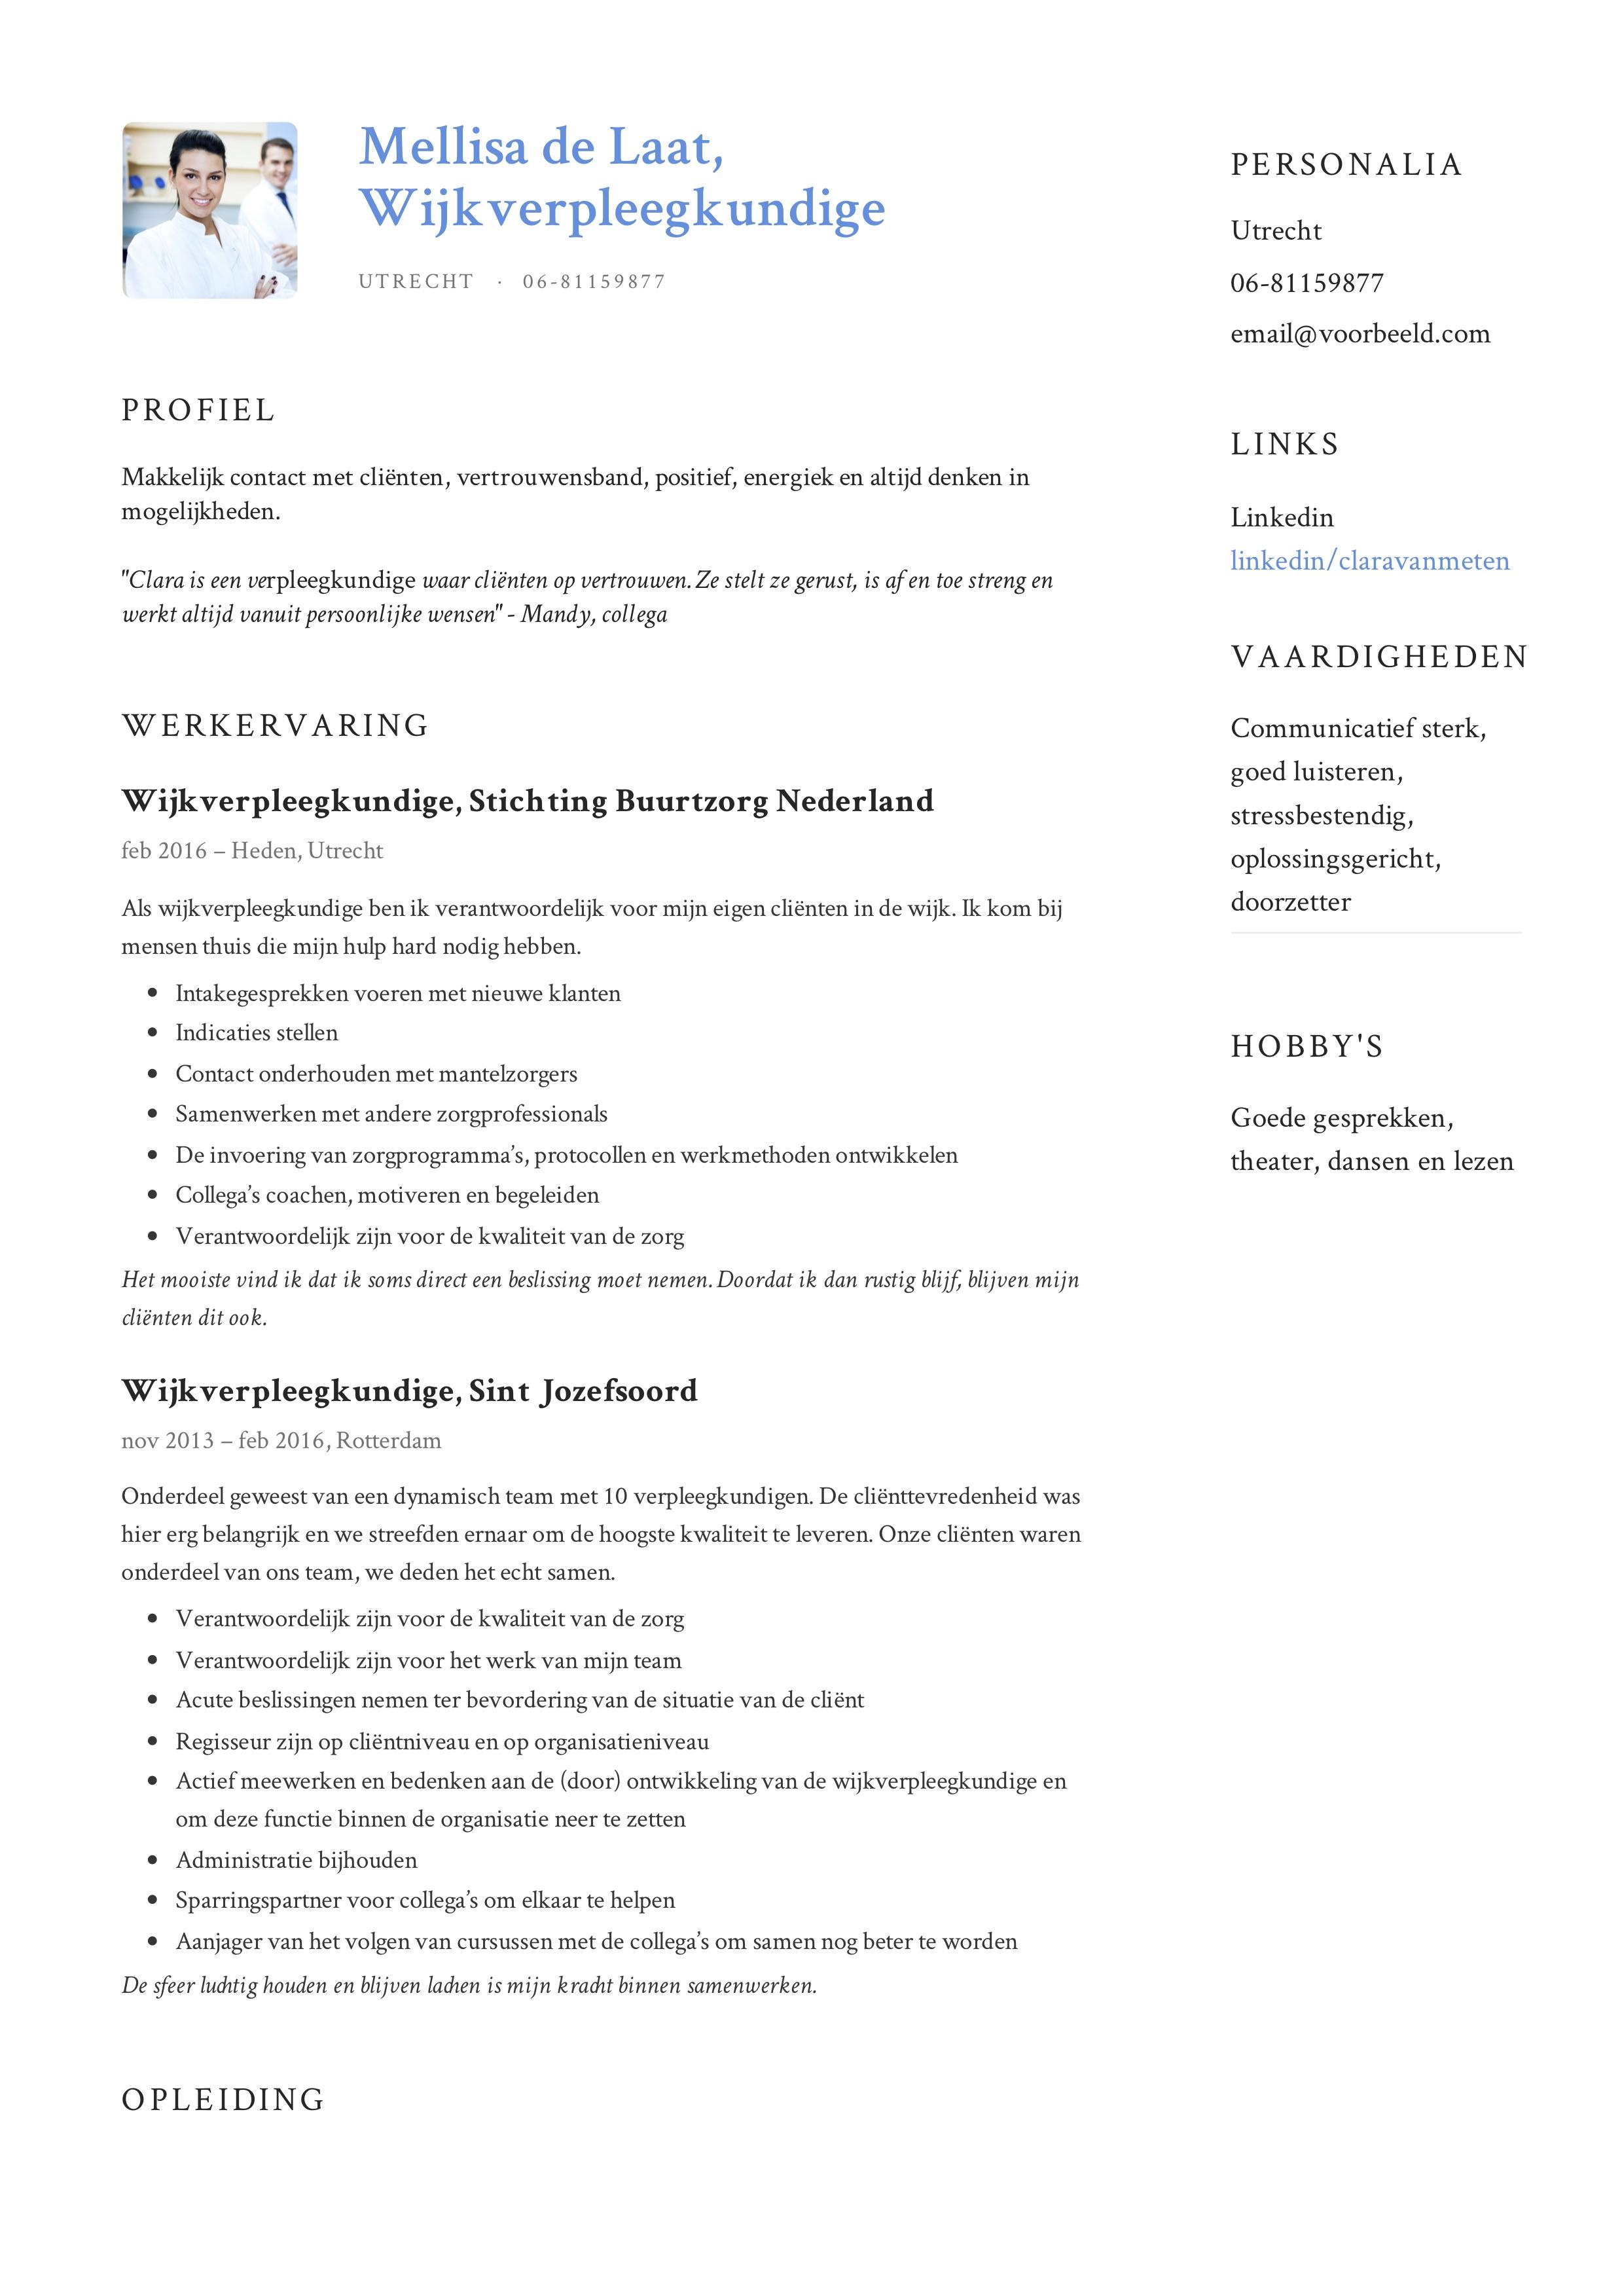 Mellisa_de_Laat_-_CV_-_Wijkverpleegkundige (5)